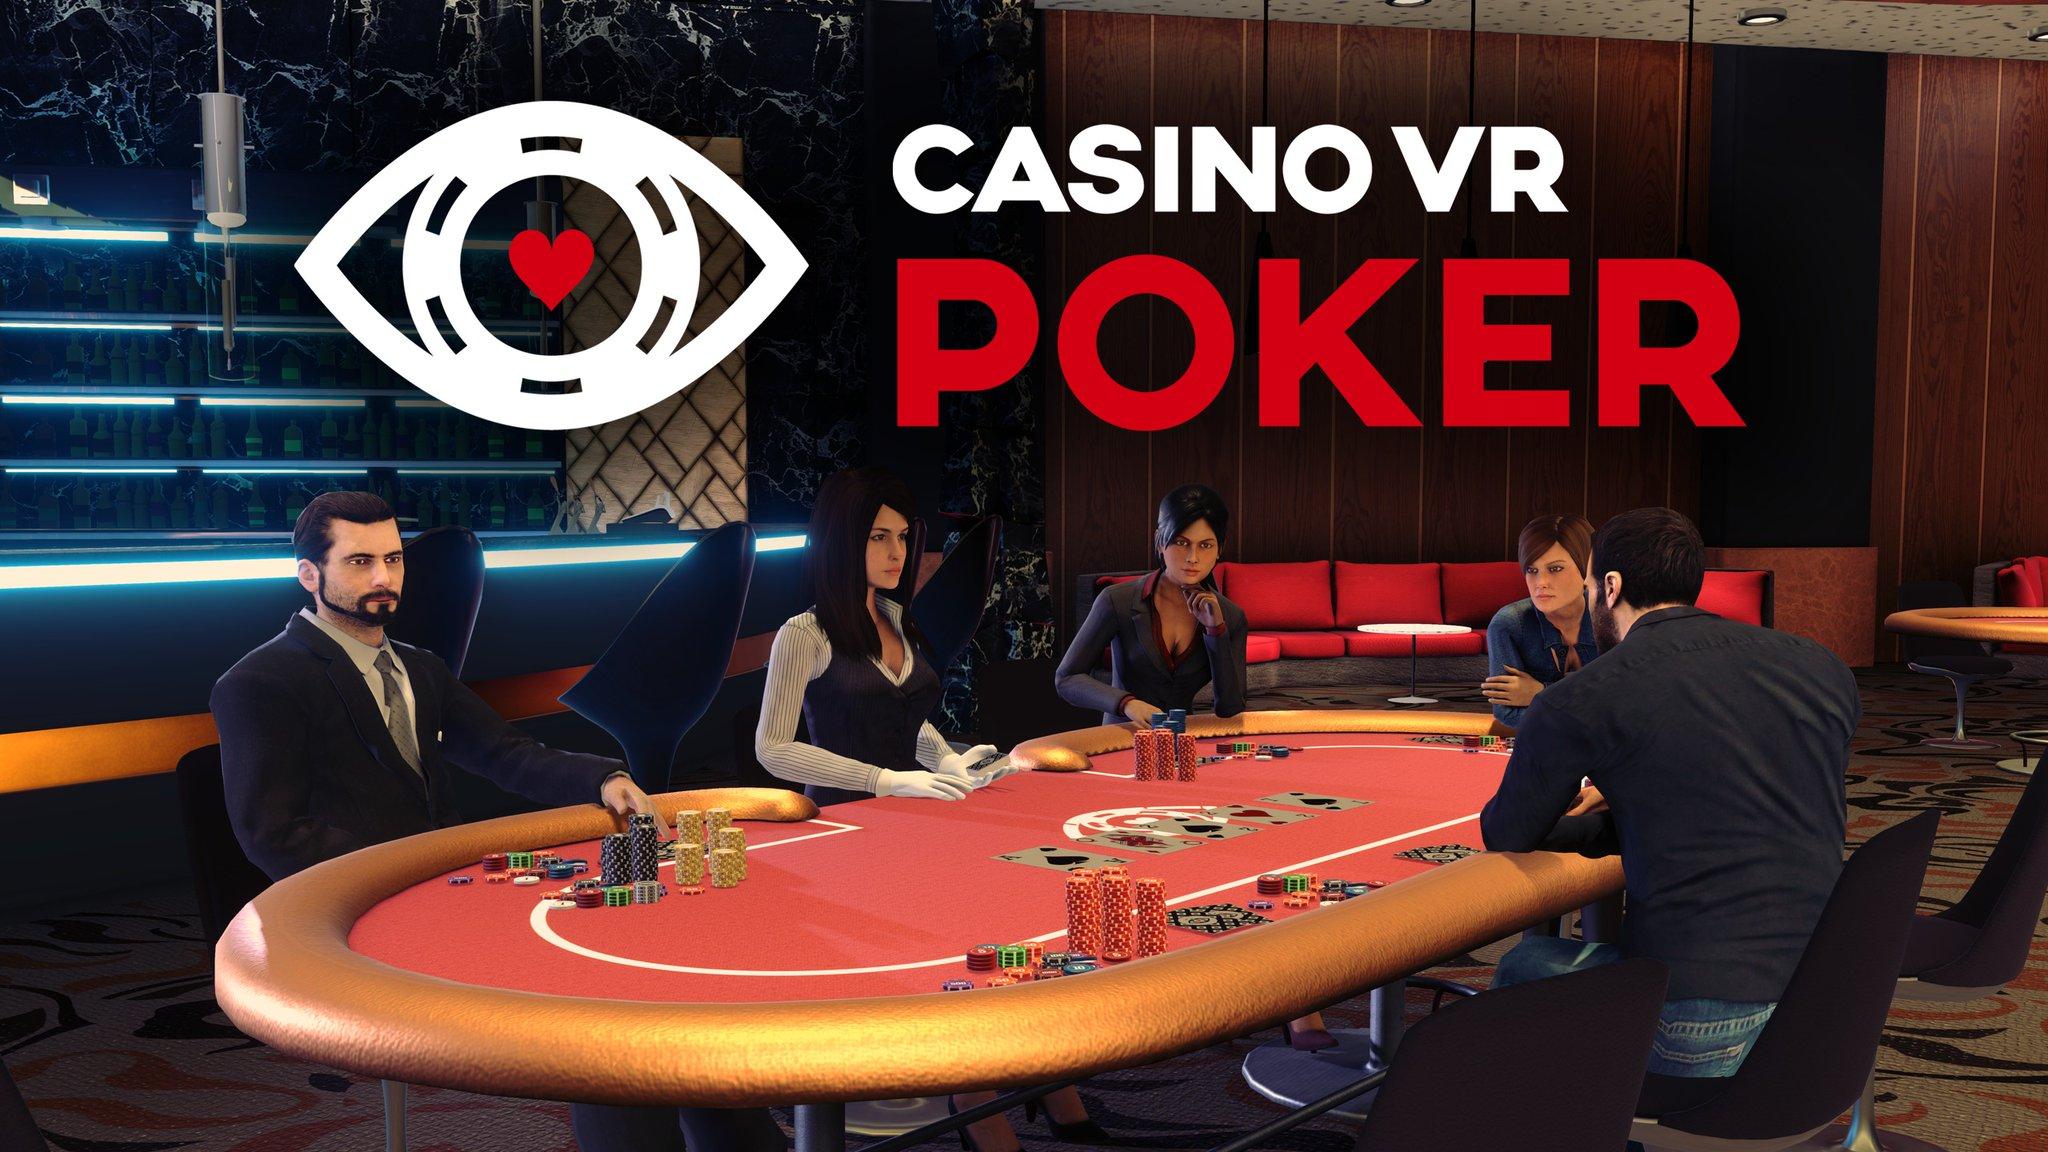 BOLT Casino VR